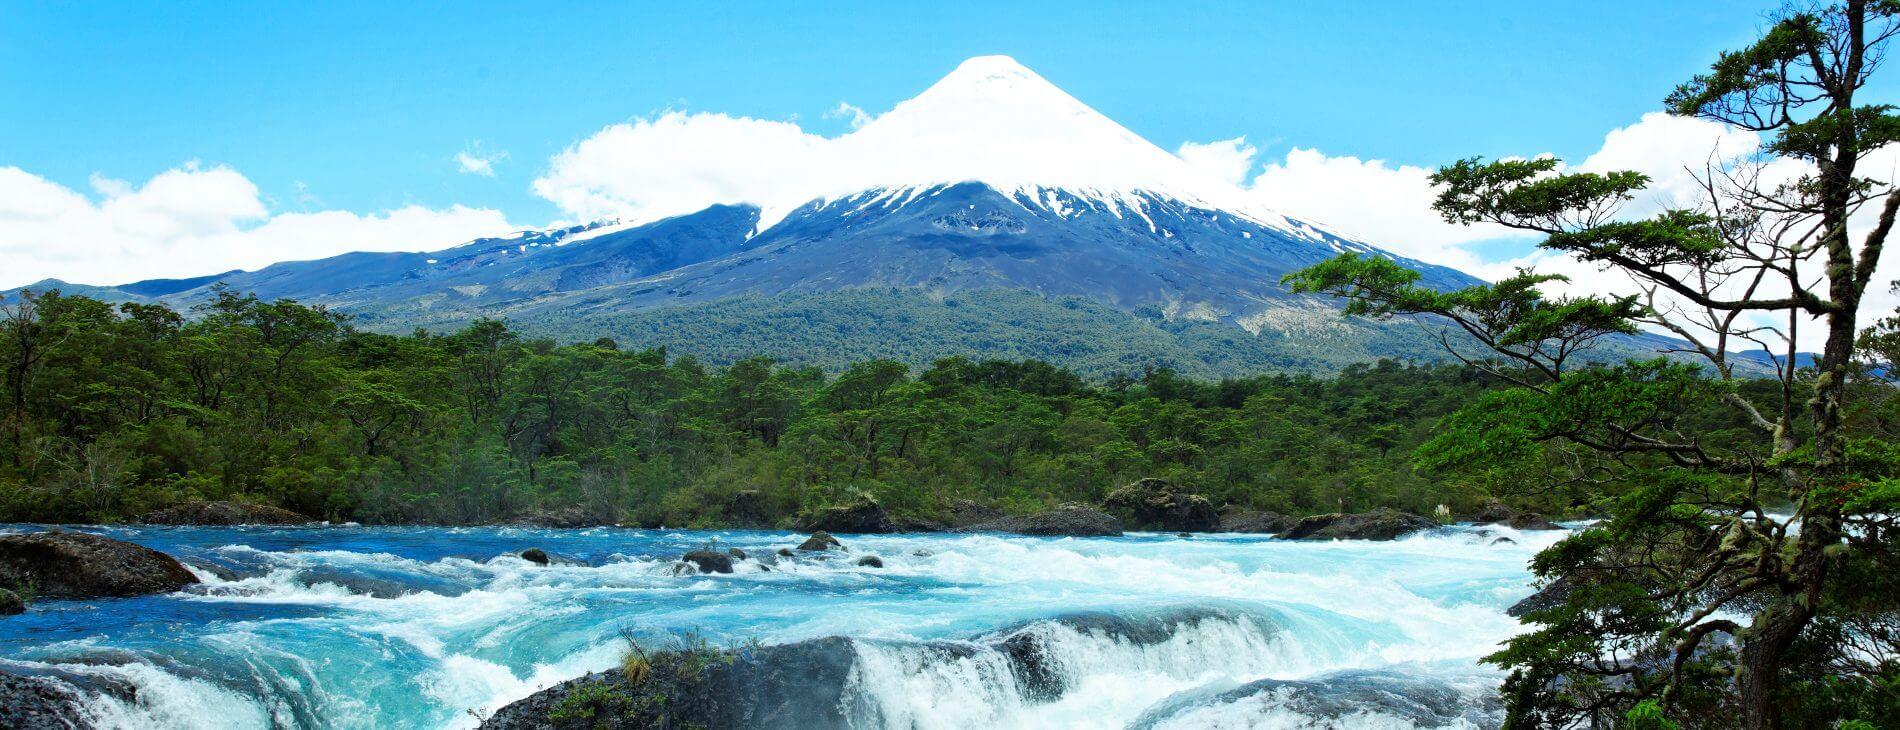 Mastroviaggiatore Cile Gran Tour Petrohue Falls